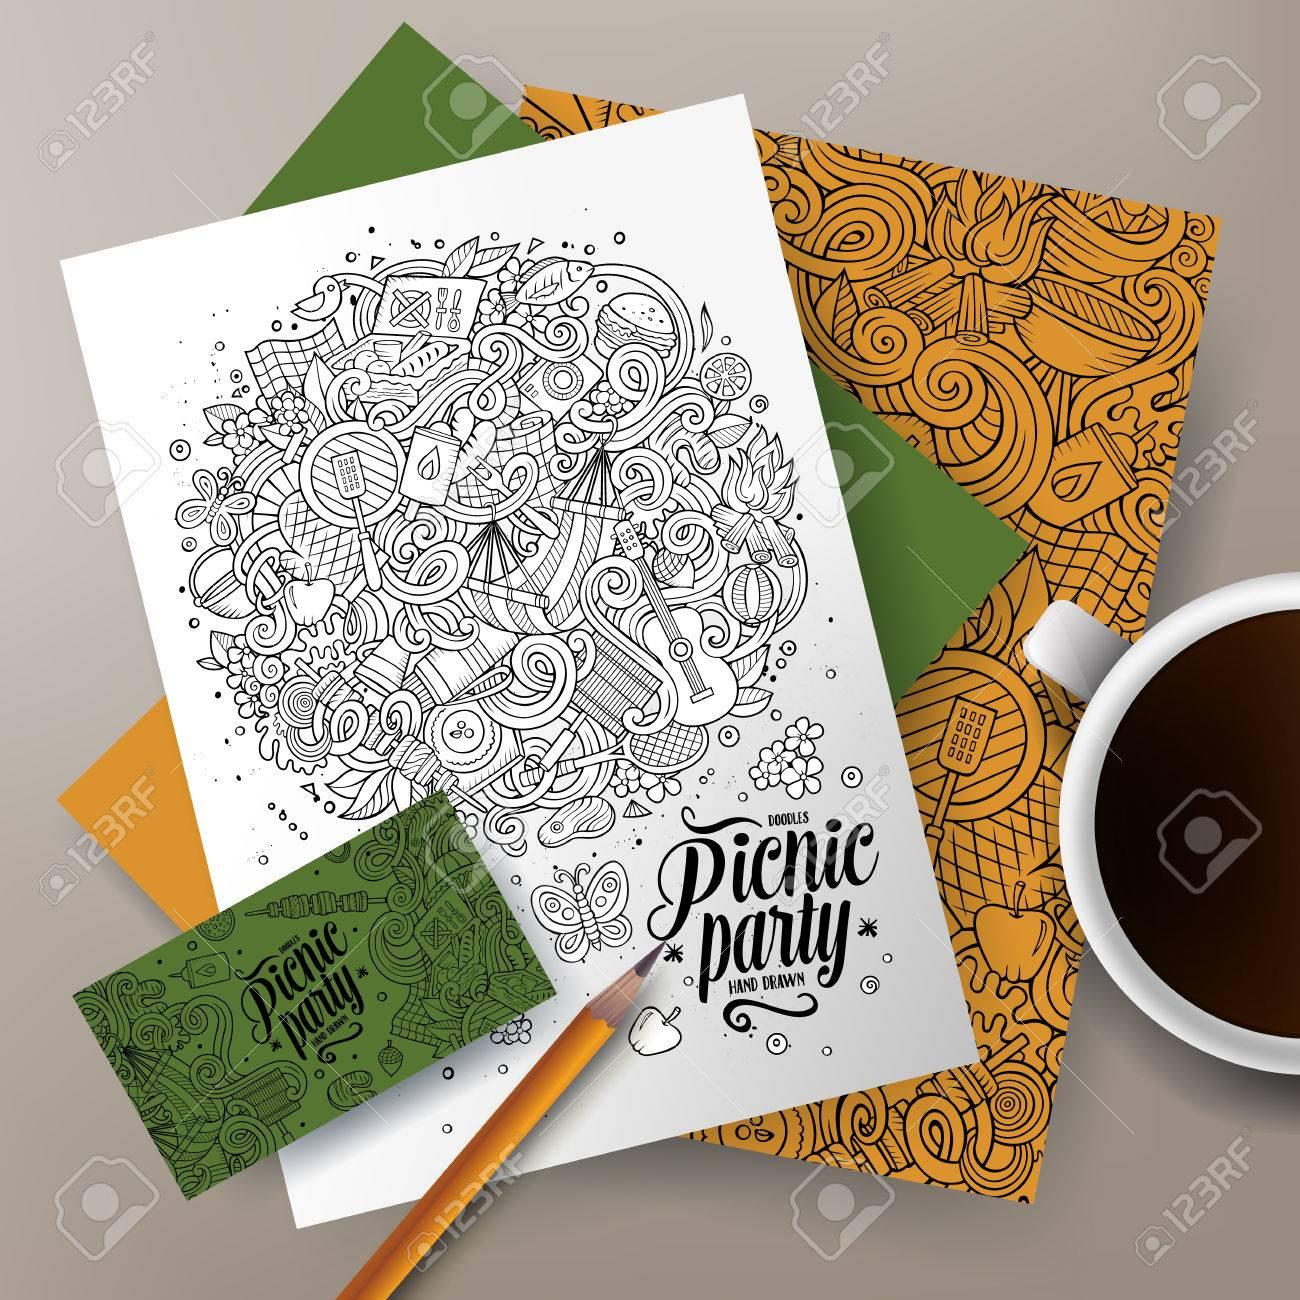 La Main Vecteur Colore Pique Nique Ensemble Didentite Dentreprise Modeles De Conception Carte Visite Flyers Affiches Documents Sur Table